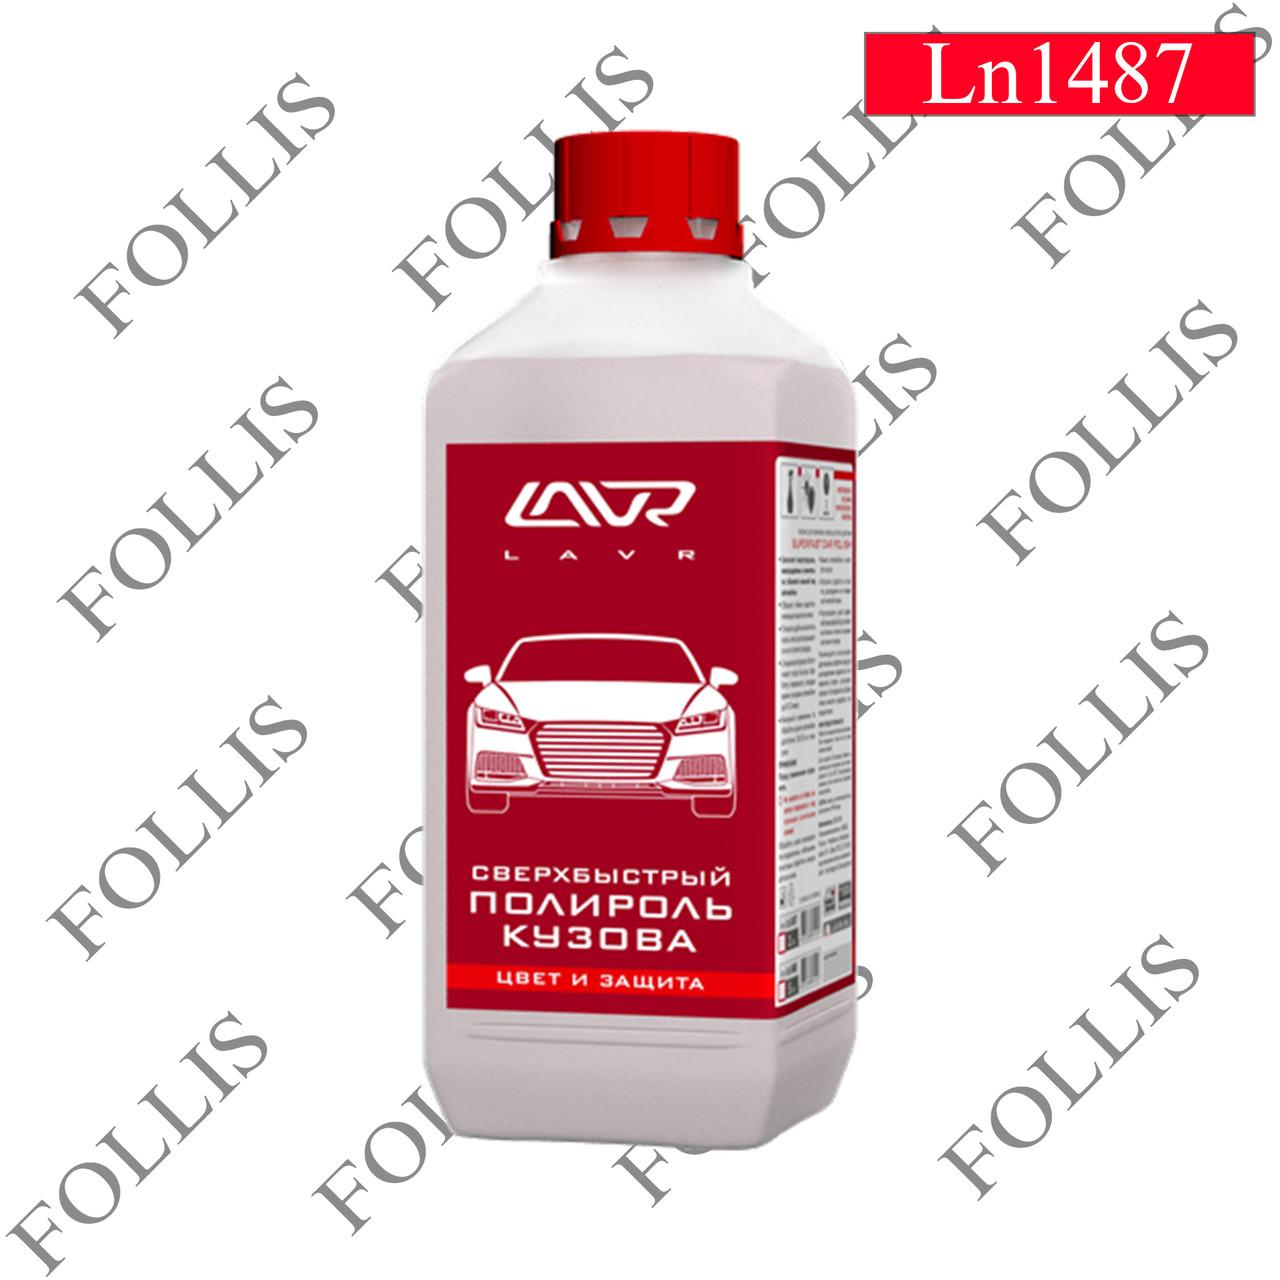 Сверхбыстрый полироль кузова LAVR Superfast car polish 1л